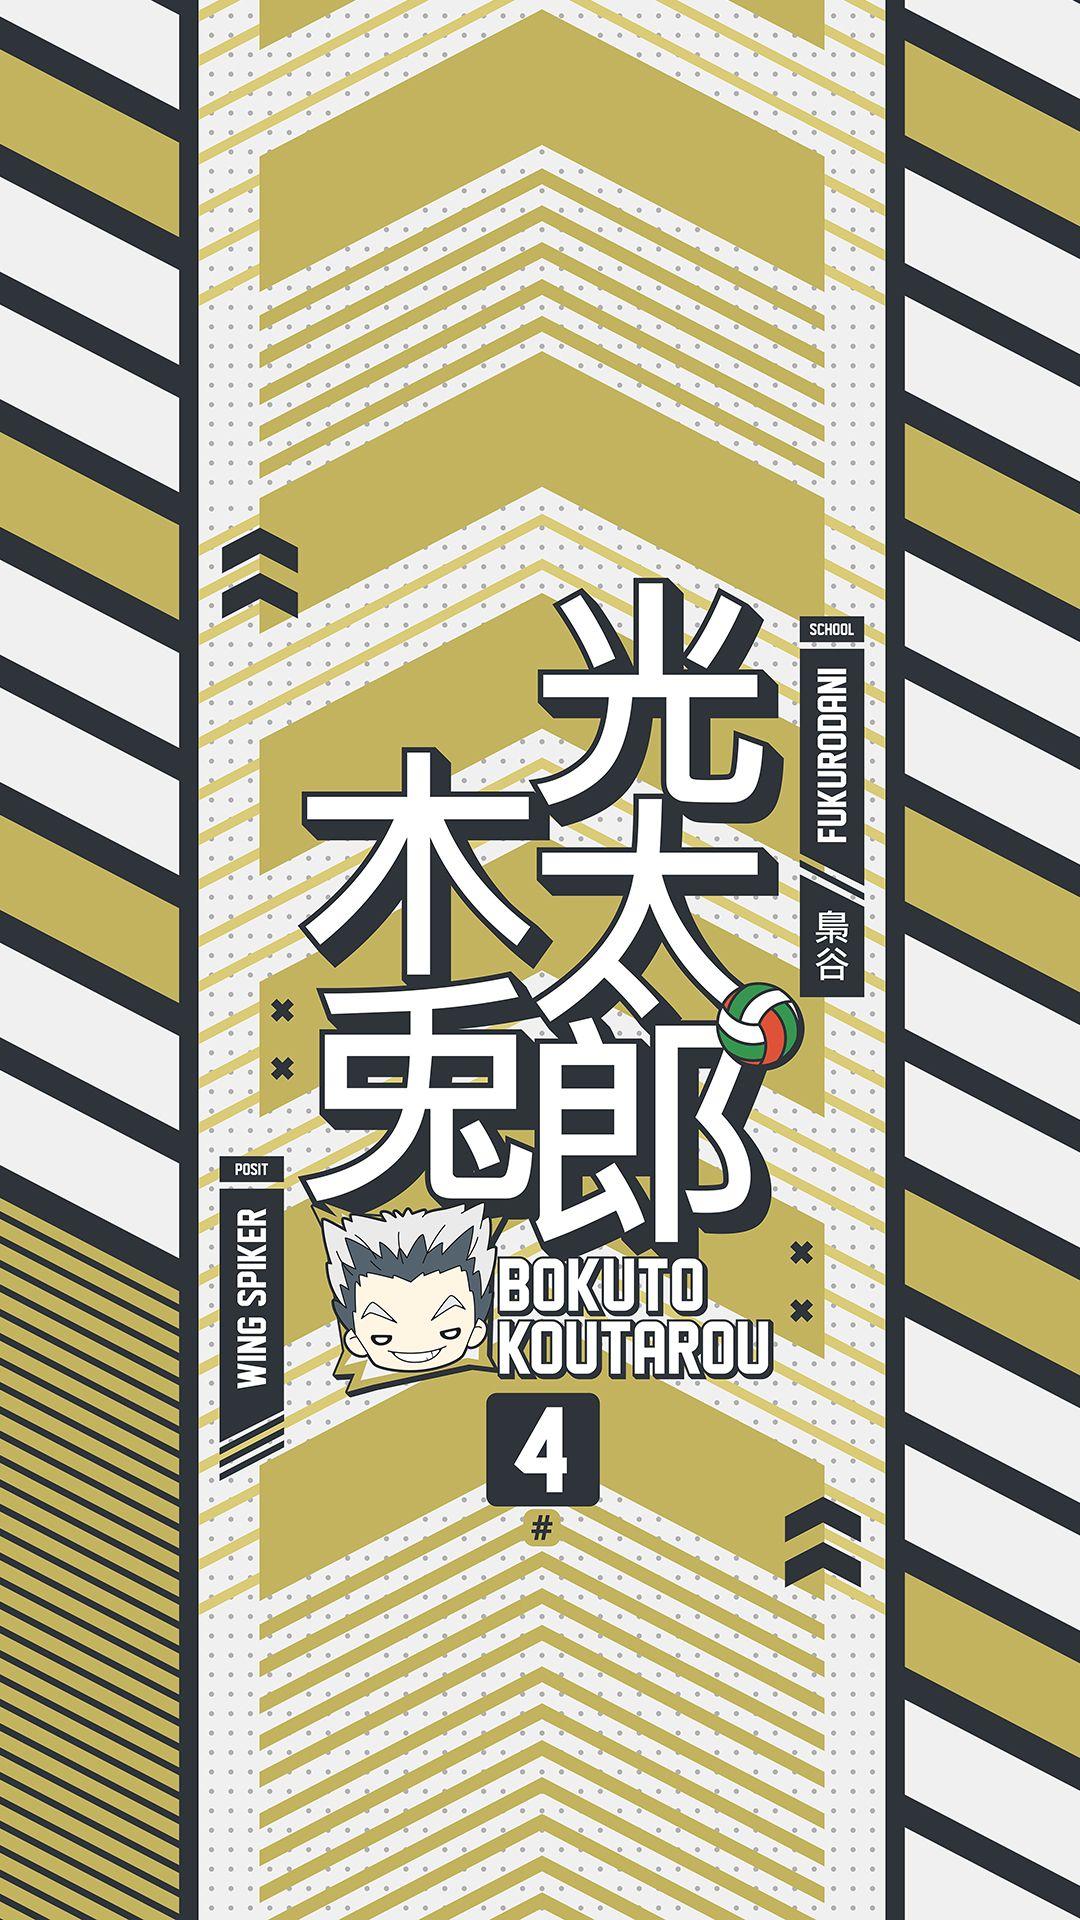 Bokuto Koutarou Fukurodani Wallpaper In 2020 Bokuto Koutarou Haikyuu Wallpaper Haikyuu Anime